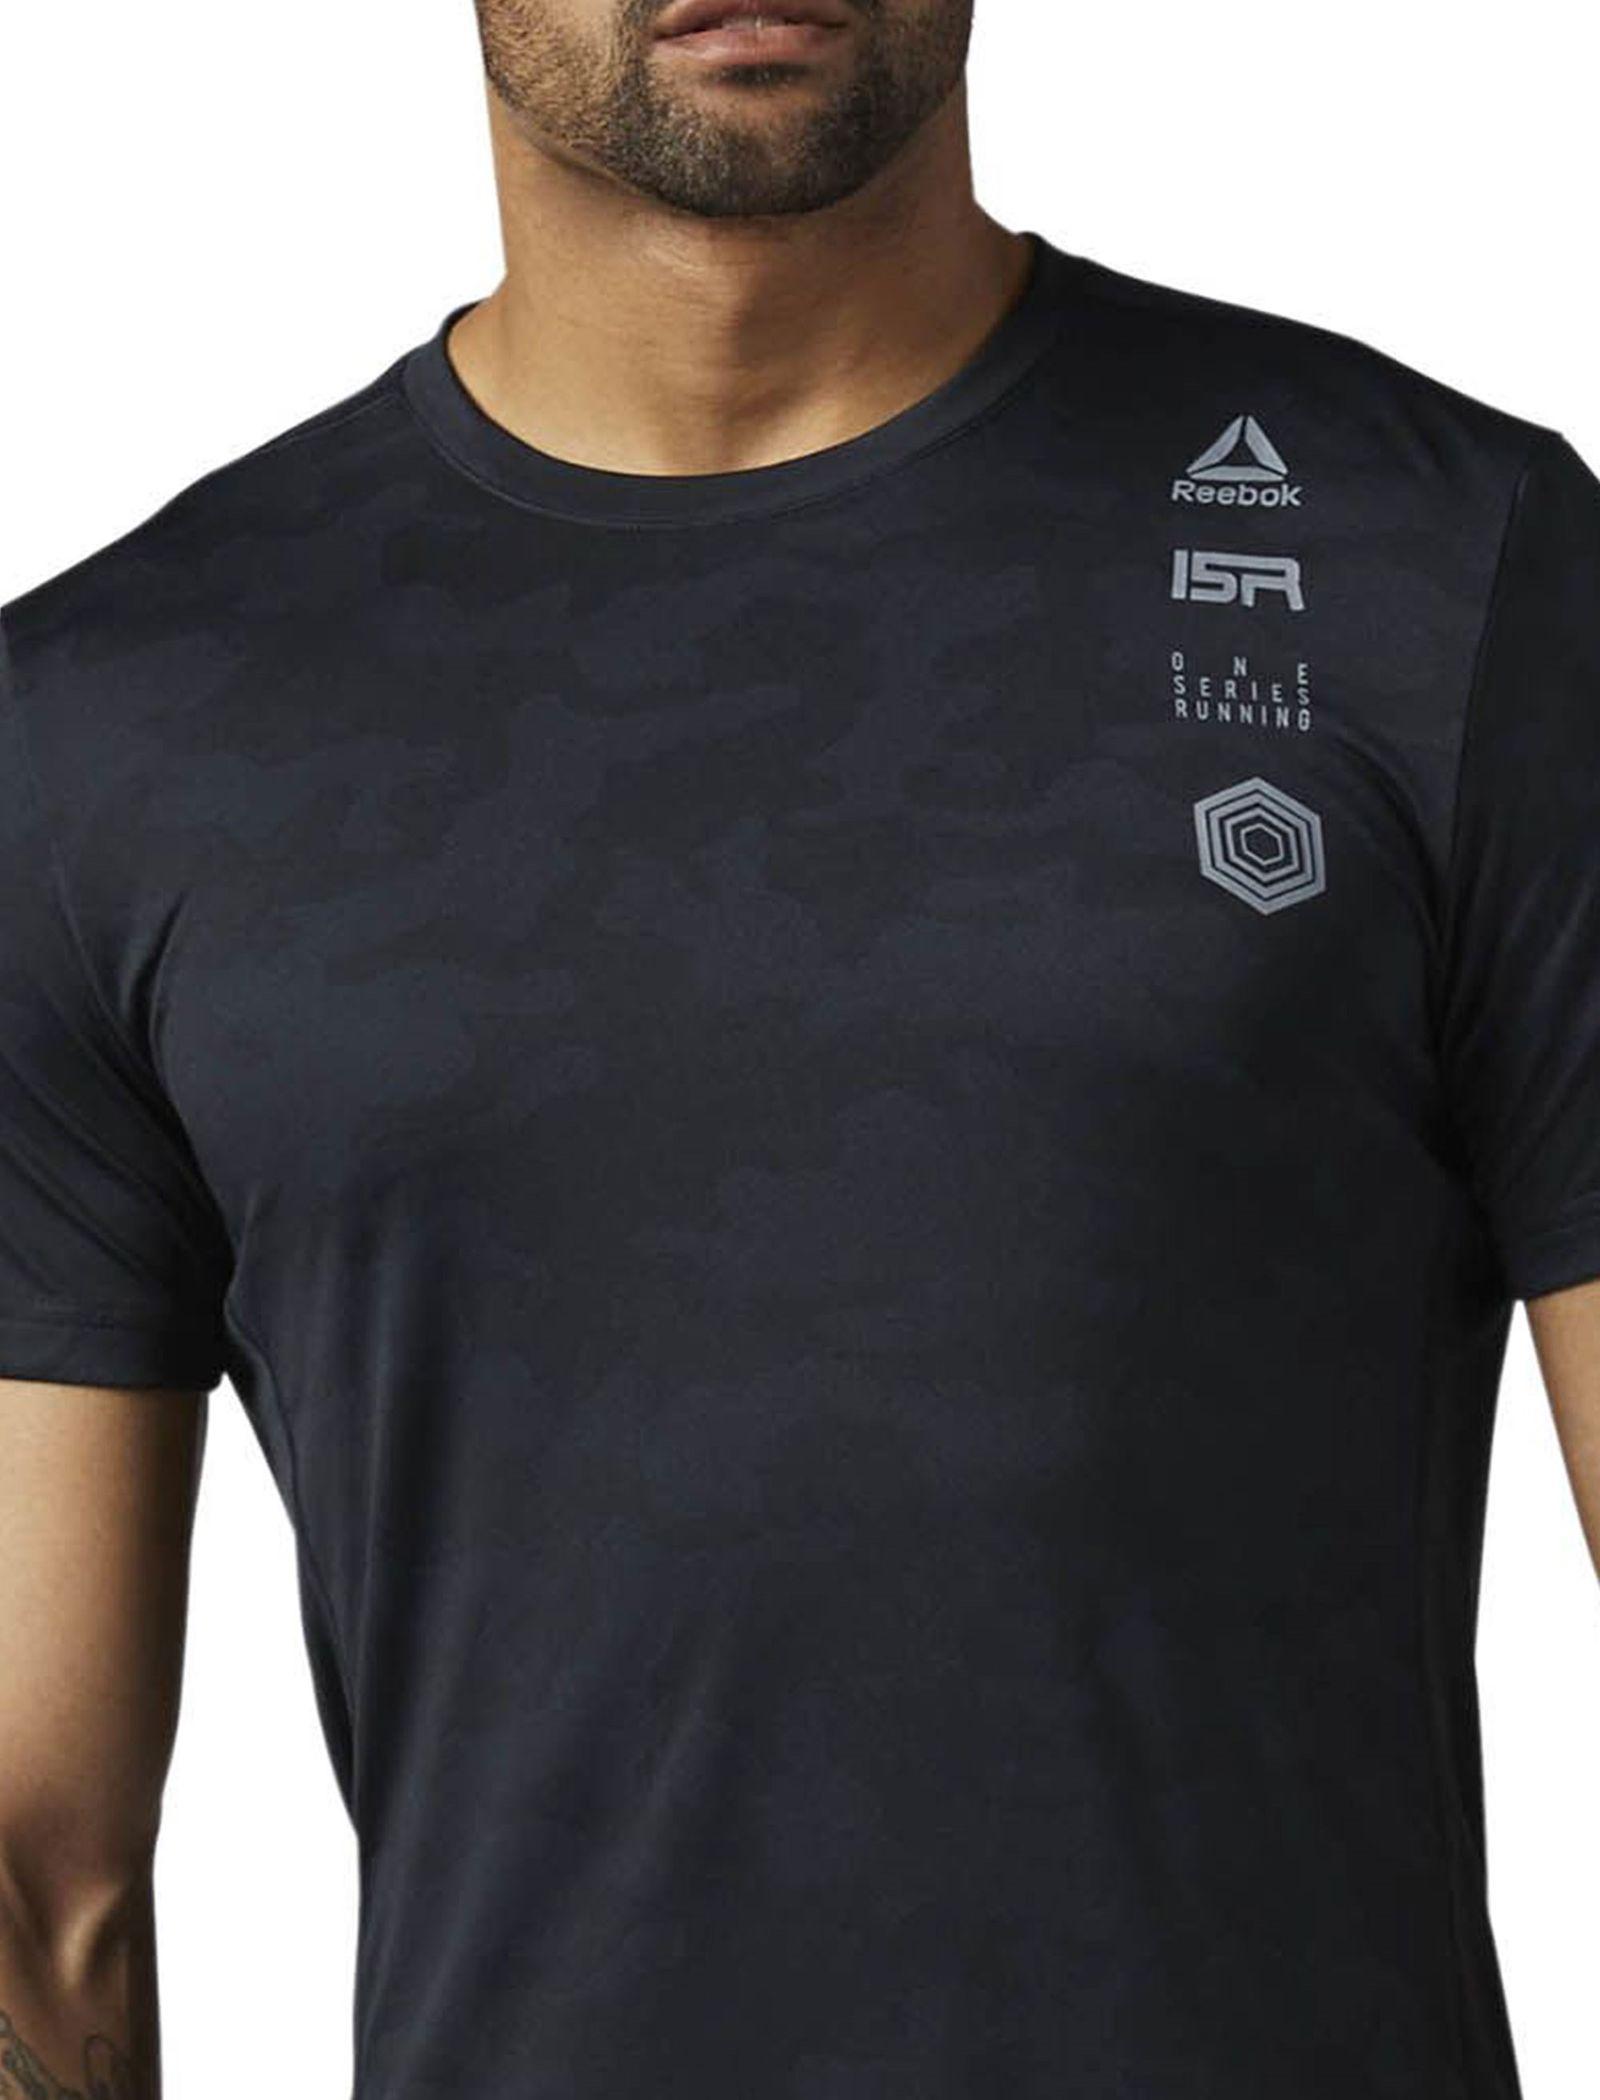 تی شرت ورزشی آستین کوتاه مردانه - ریباک - مشکي - 3